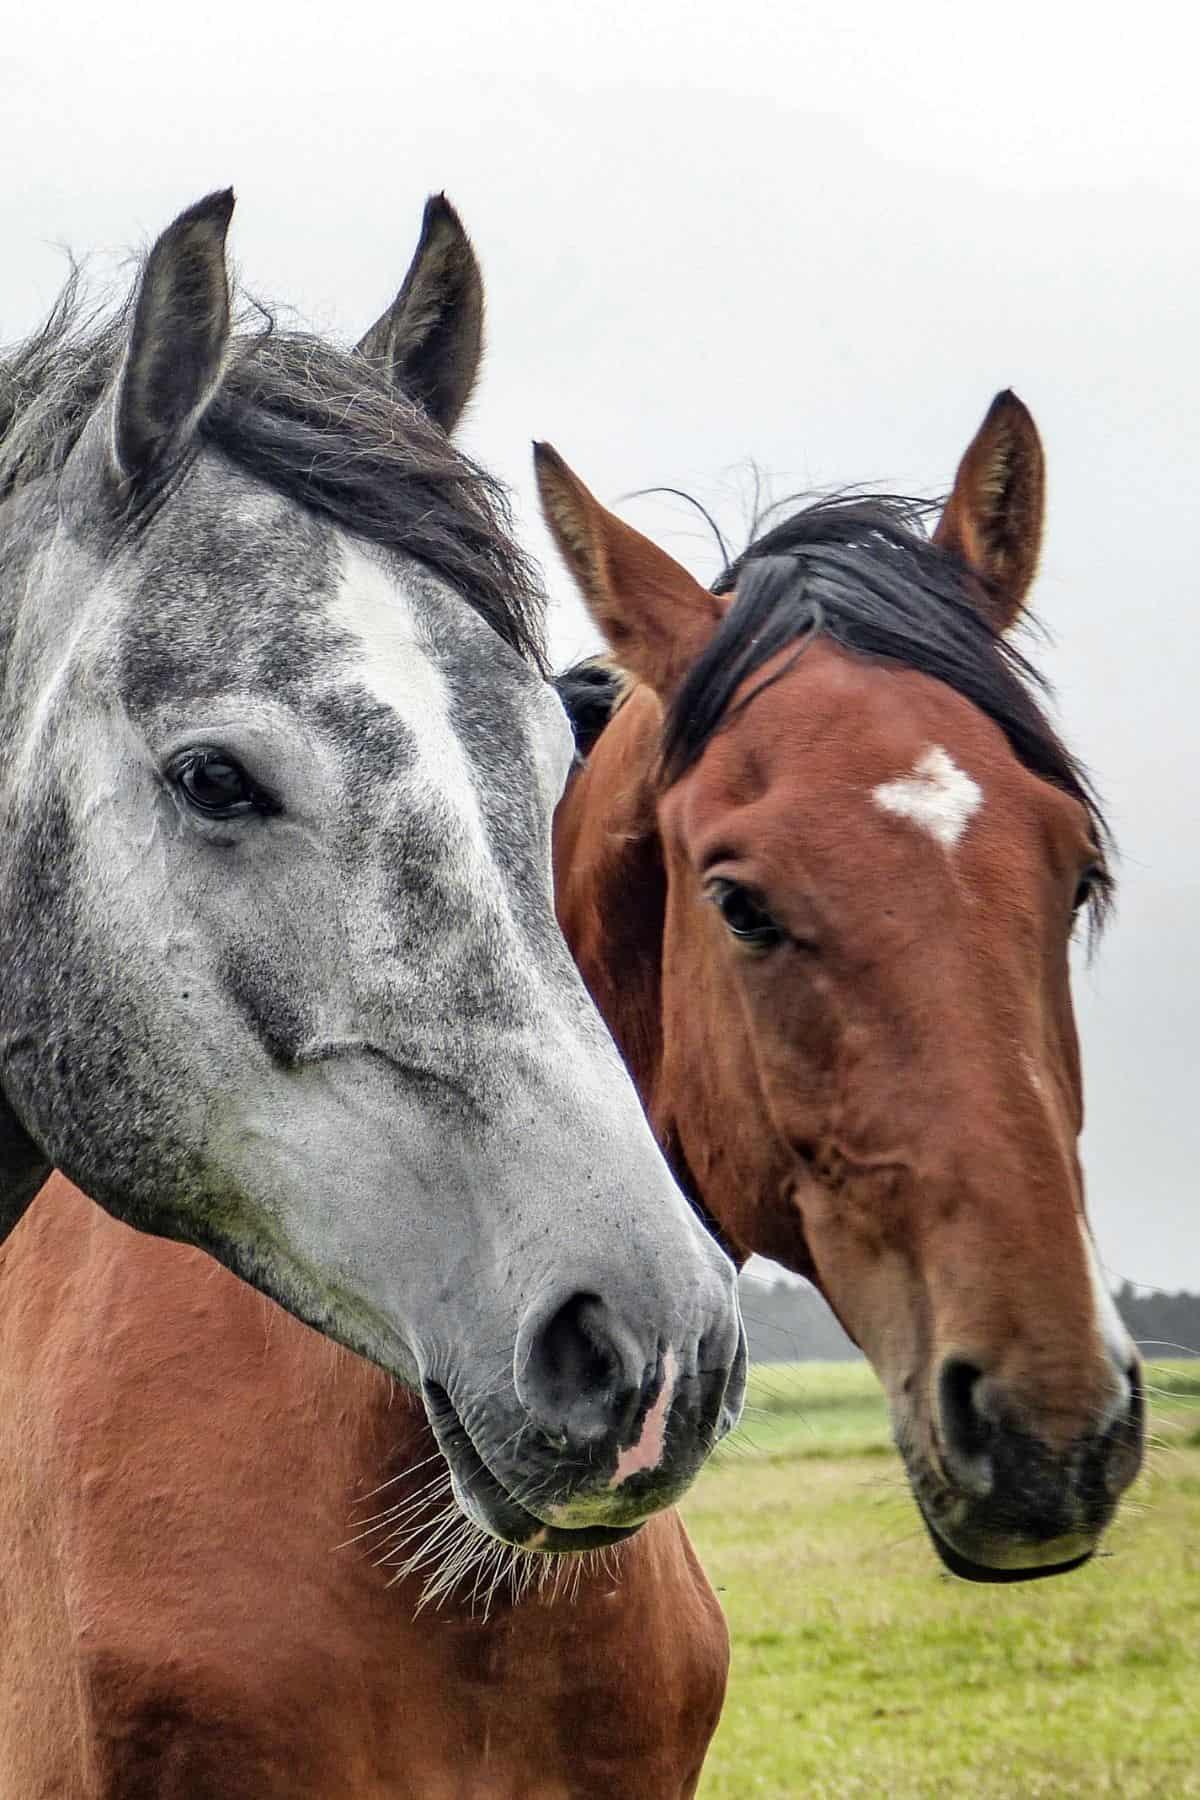 Gray and brown horse looking toward camera